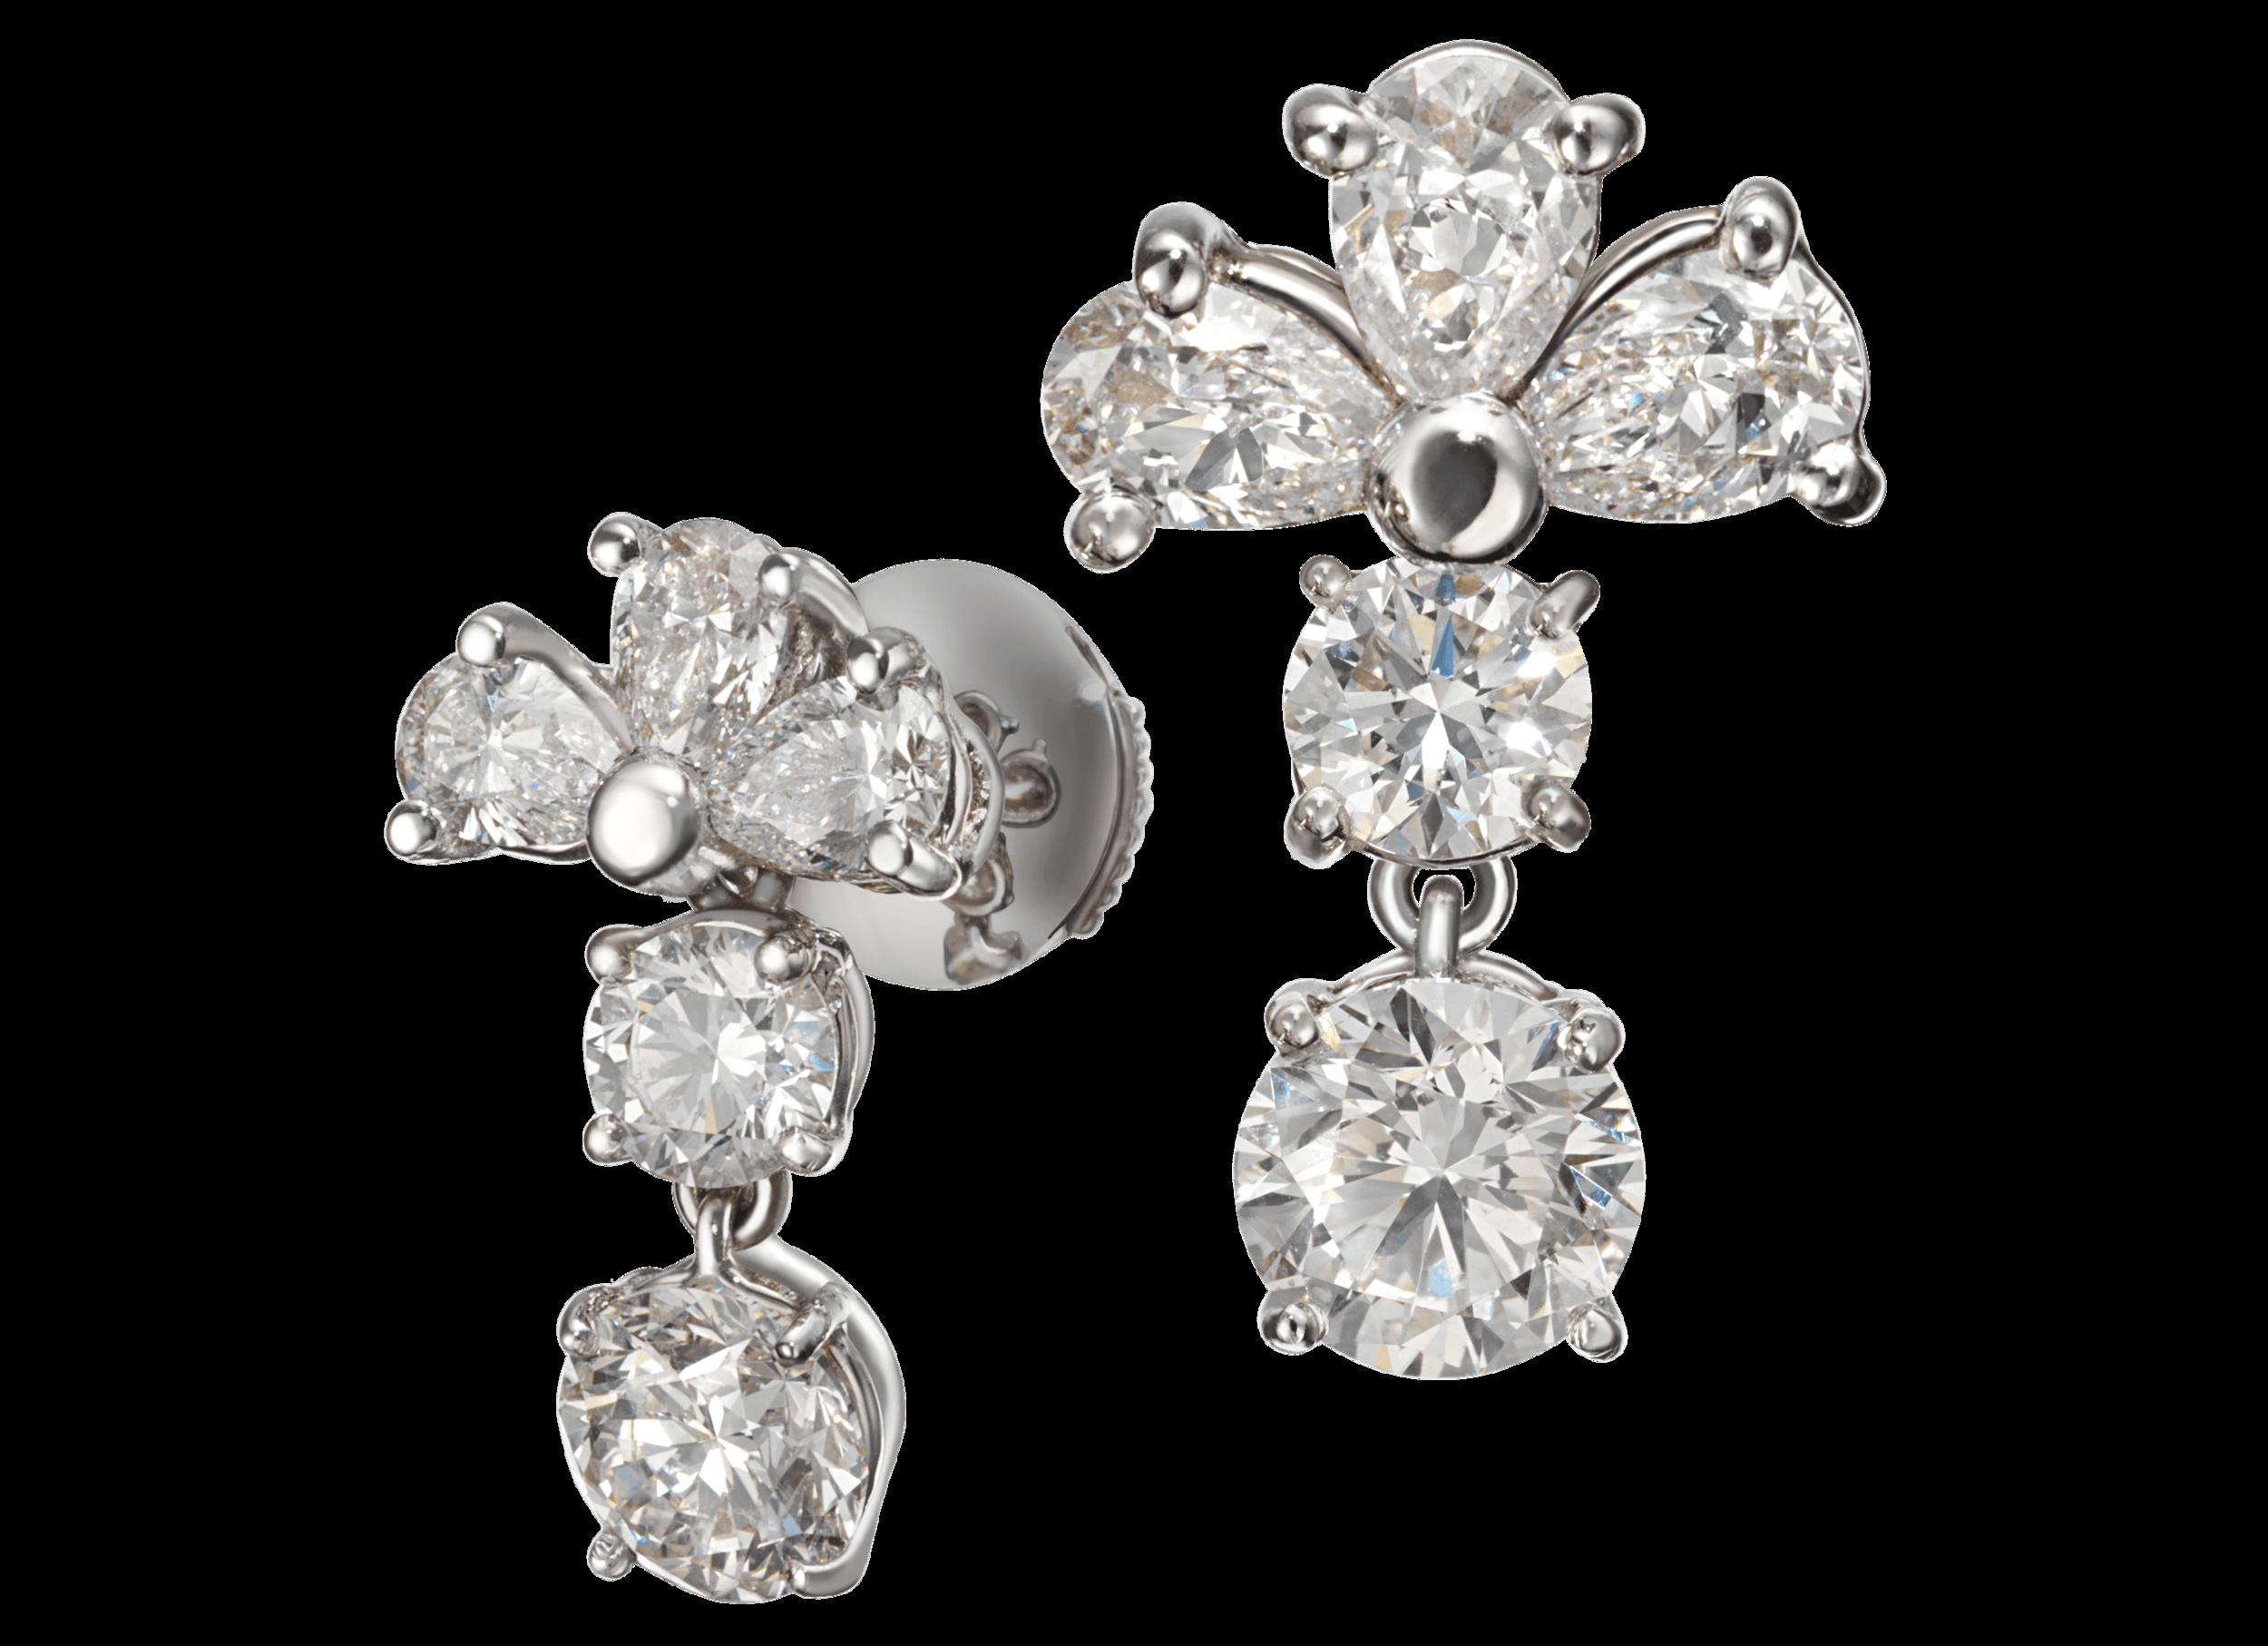 Boucles d'oreille or blanc et diamants 3,12 carats.png